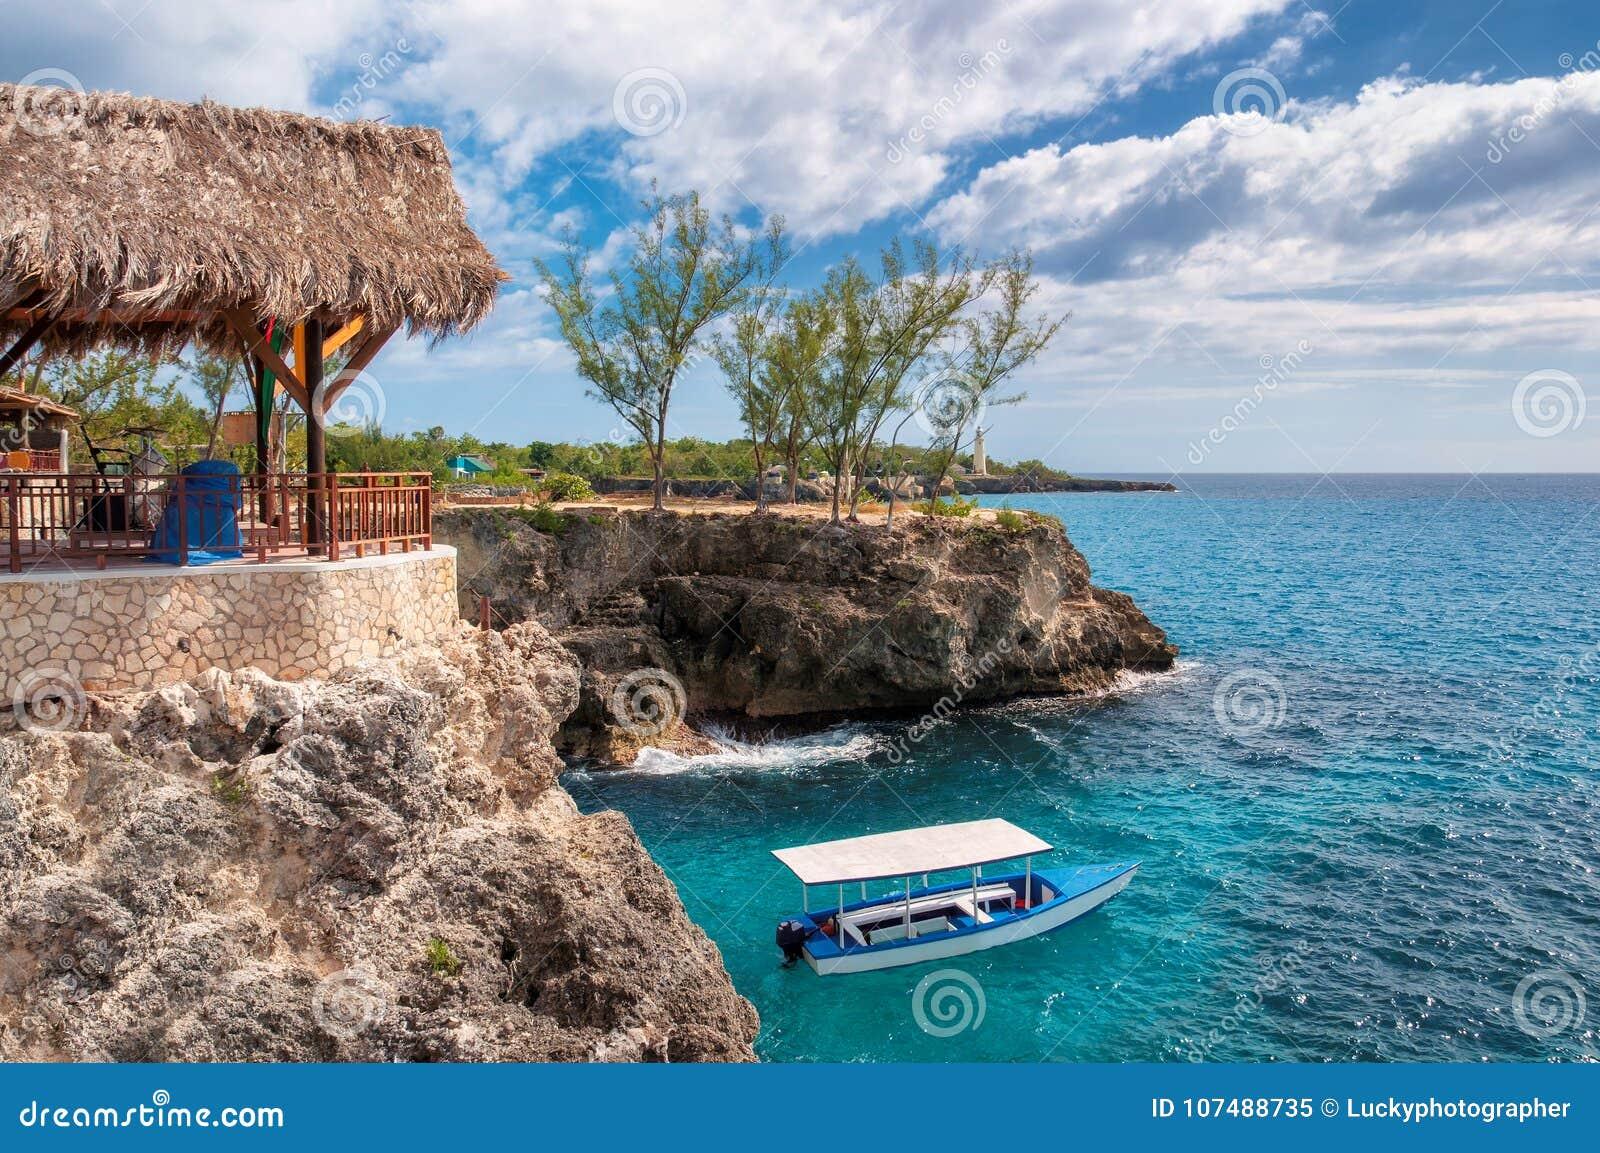 Caraïbisch rotsachtig strand met turkoois water, toeristenboot en vuurtoren in Negril Jamaïca